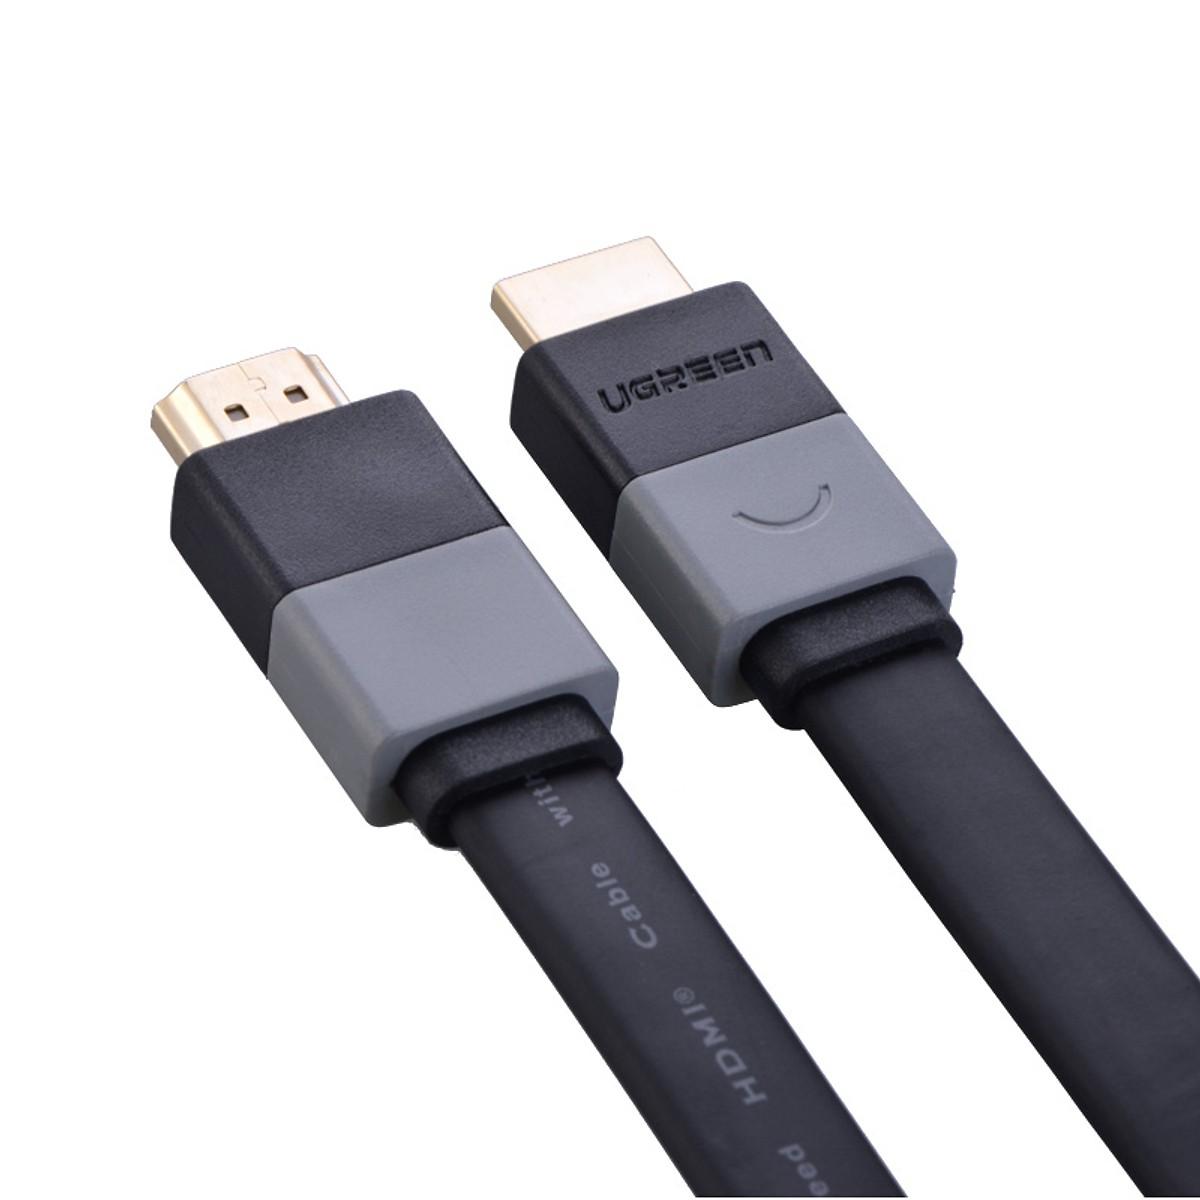 Cáp HDMI Dẹt 2m Lõi Đồng Hỗ Trợ 3D/4K Ugreen - Hàng chính hãng